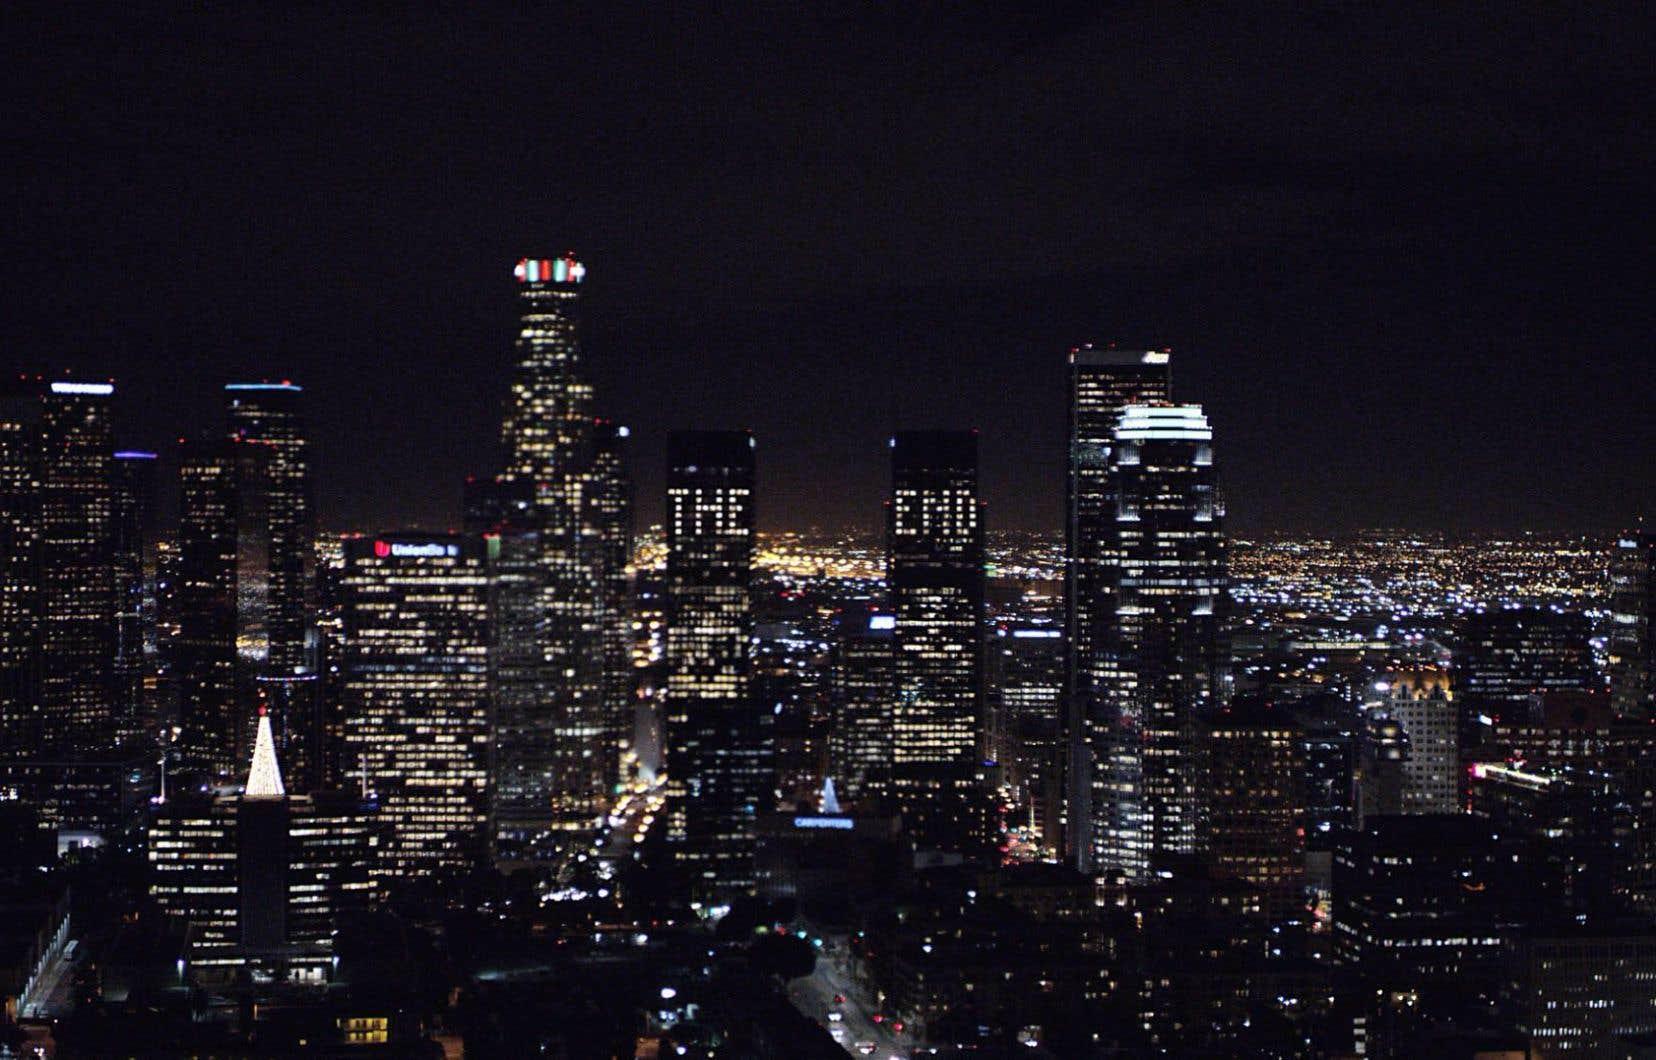 Dans The End, la caméra survole le cœur de la métropole californienne, sous une musique de grande tension.